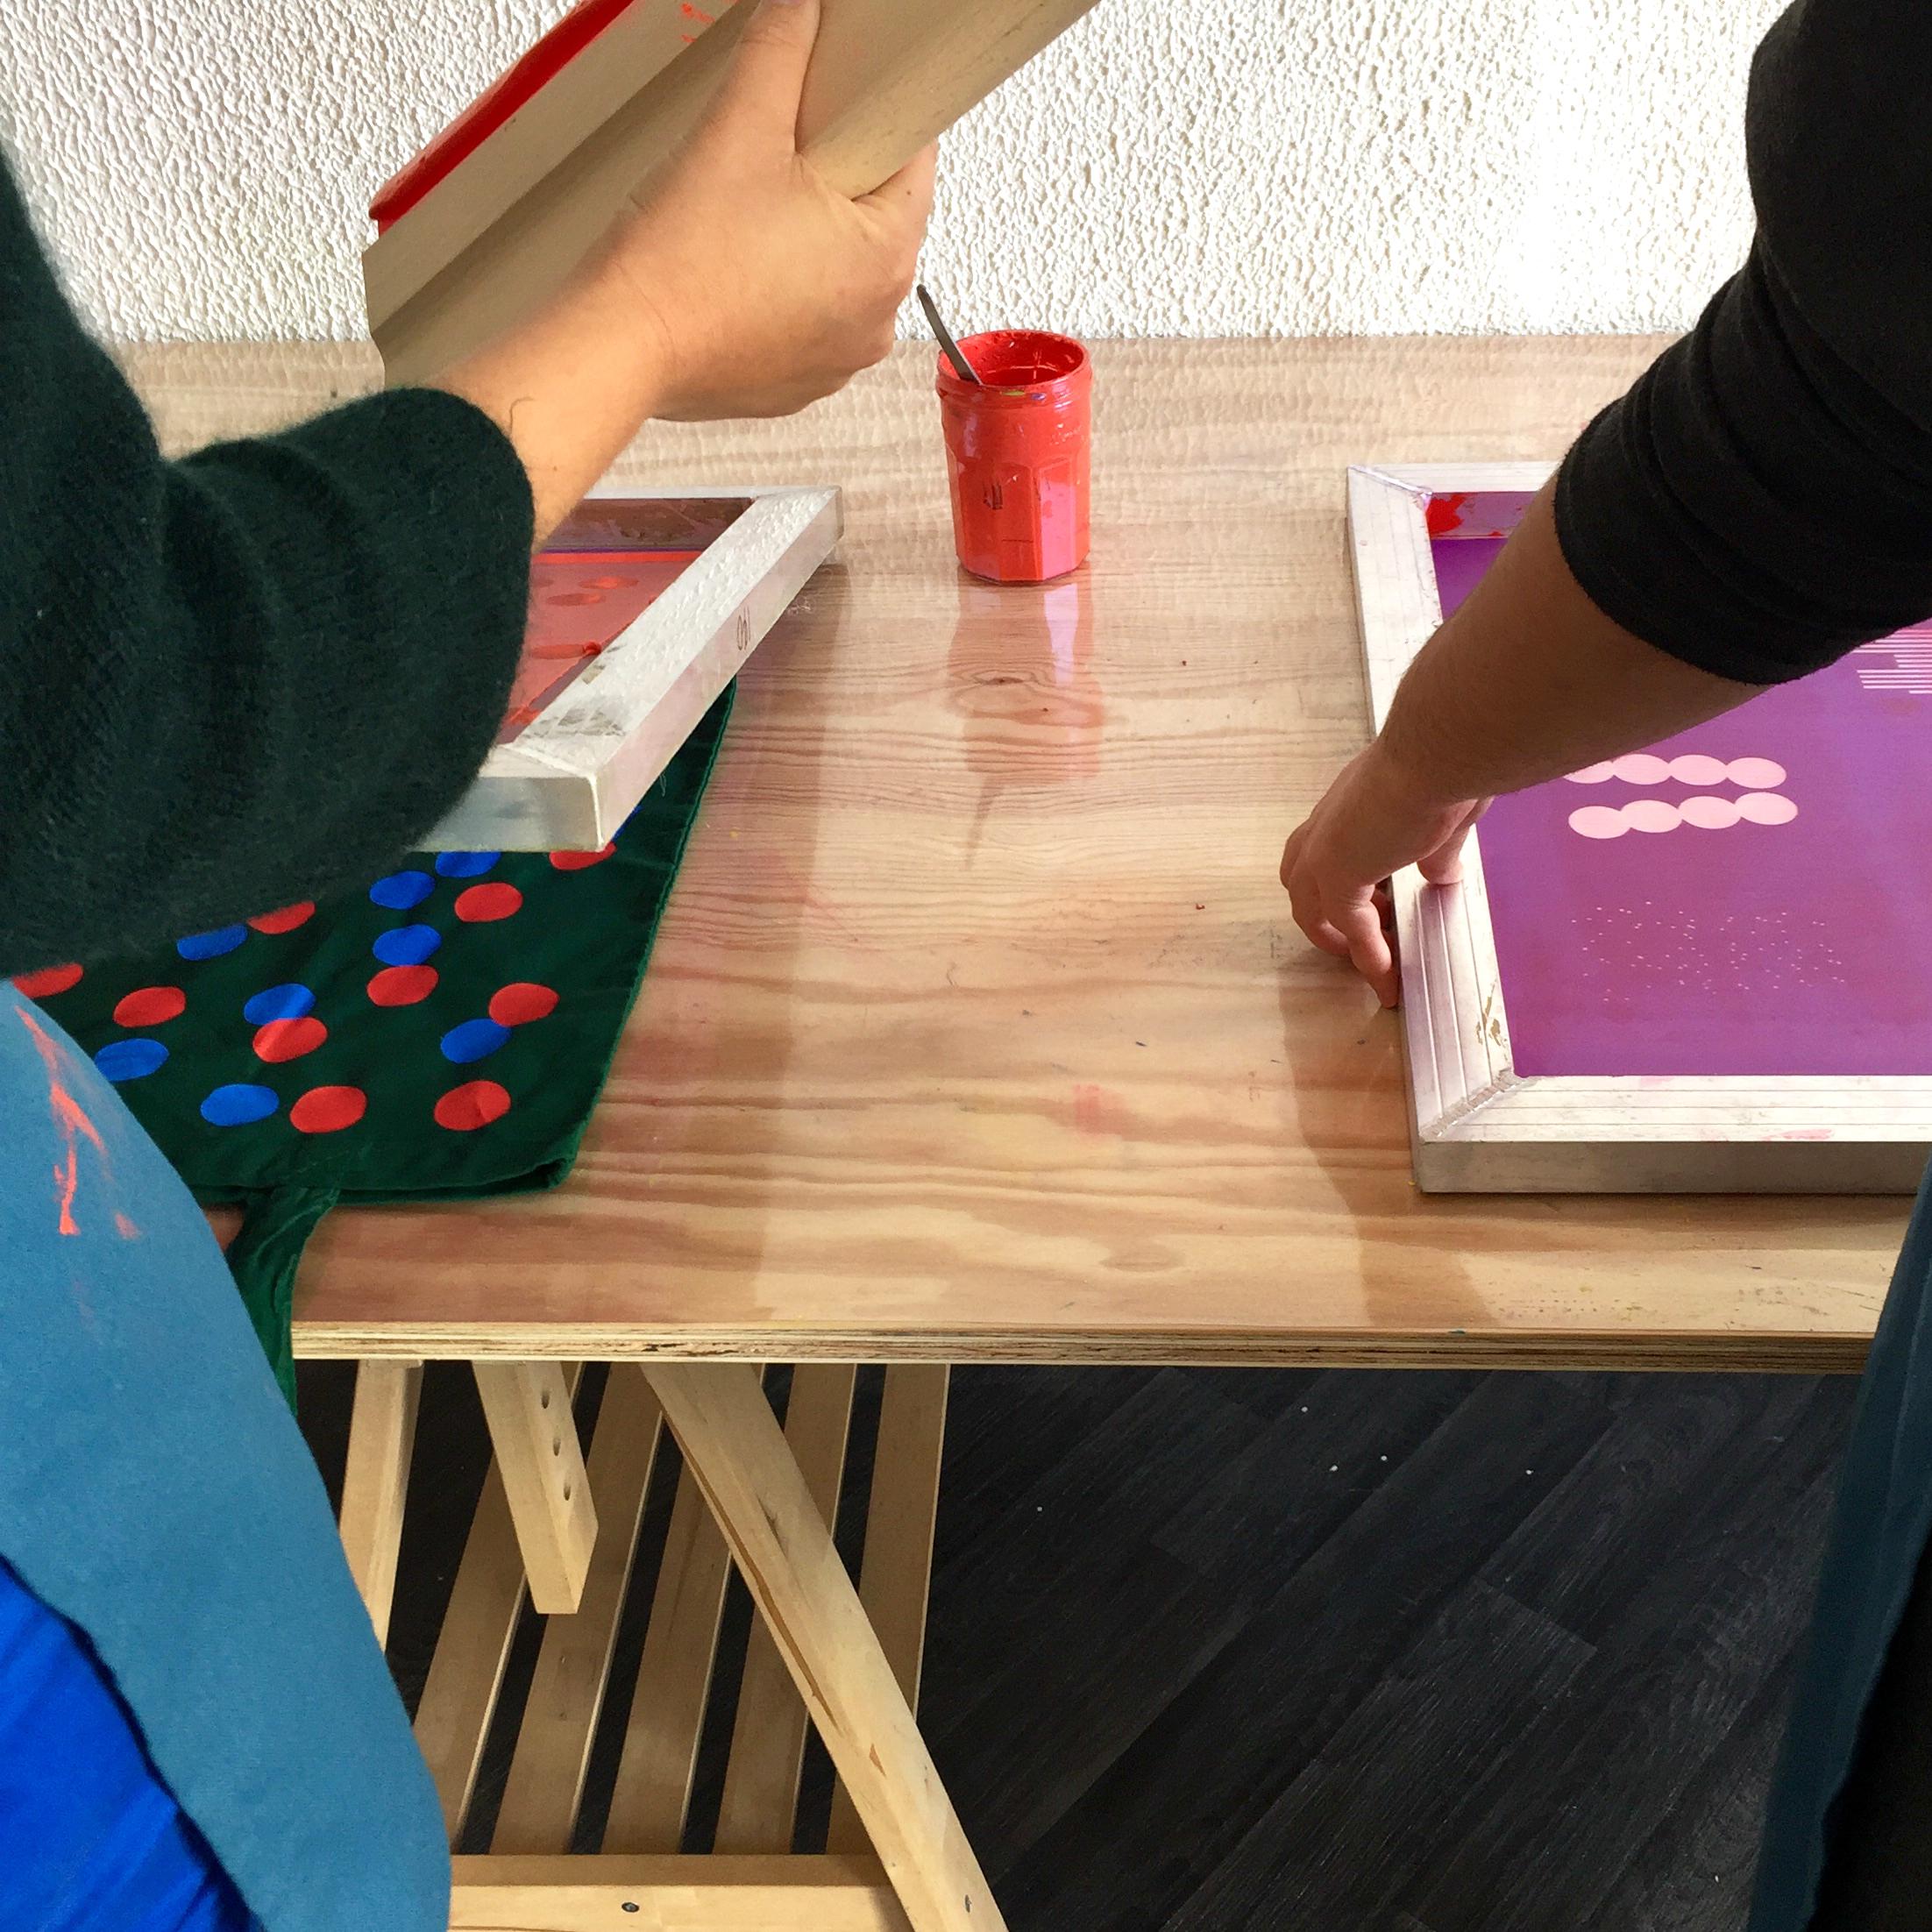 Atelier adulte - Jaune foret propose des ateliers ponctuels ou à l'année pour pratiquer la technique de la sérigraphie. Différentes formules sont proposées.En savoir plus, tarifs et inscriptions ➝